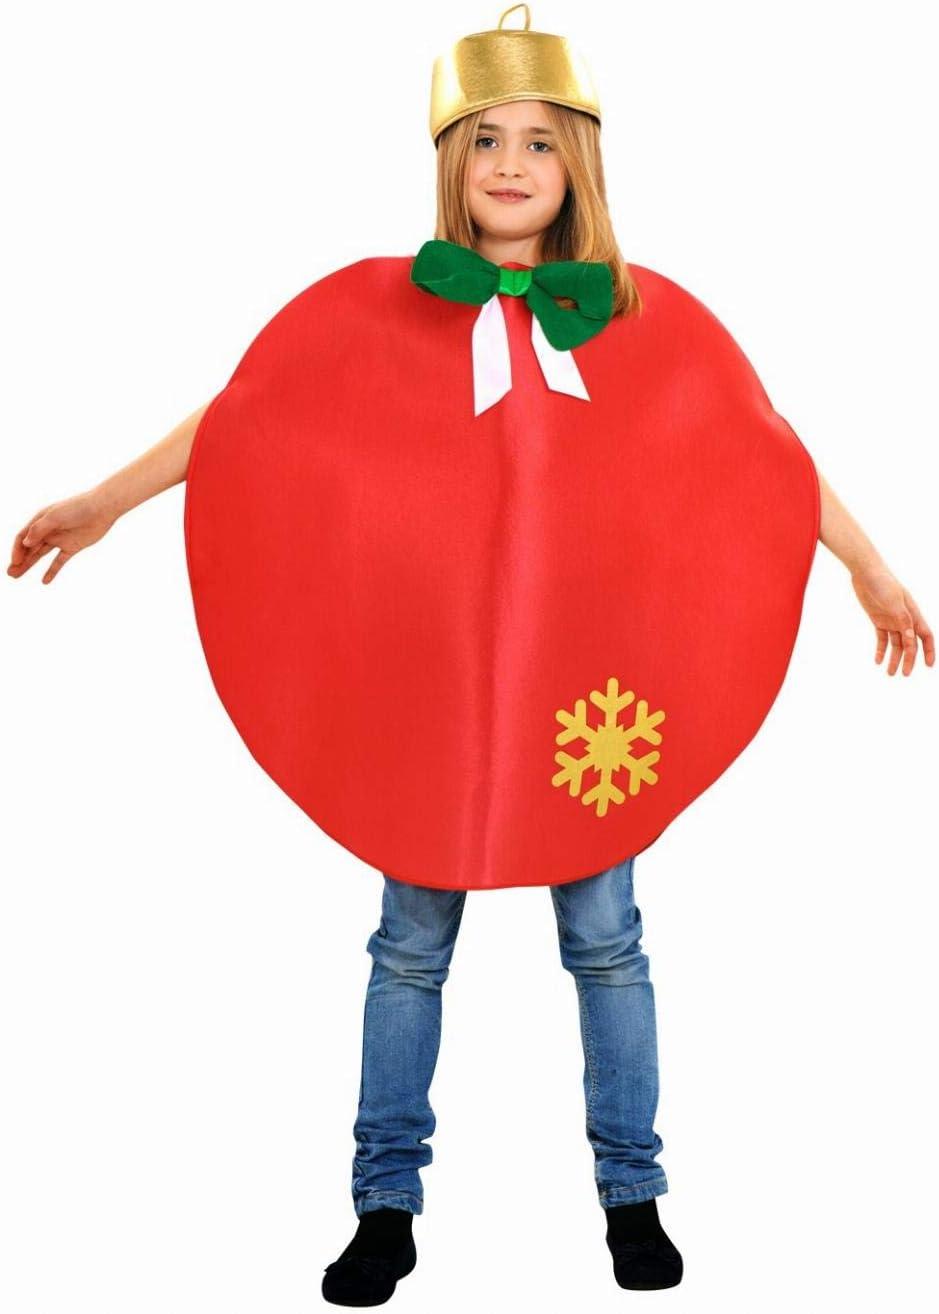 Disfraz de bola de Navidad - Color - Rojo, Talla - 7-9 años ...